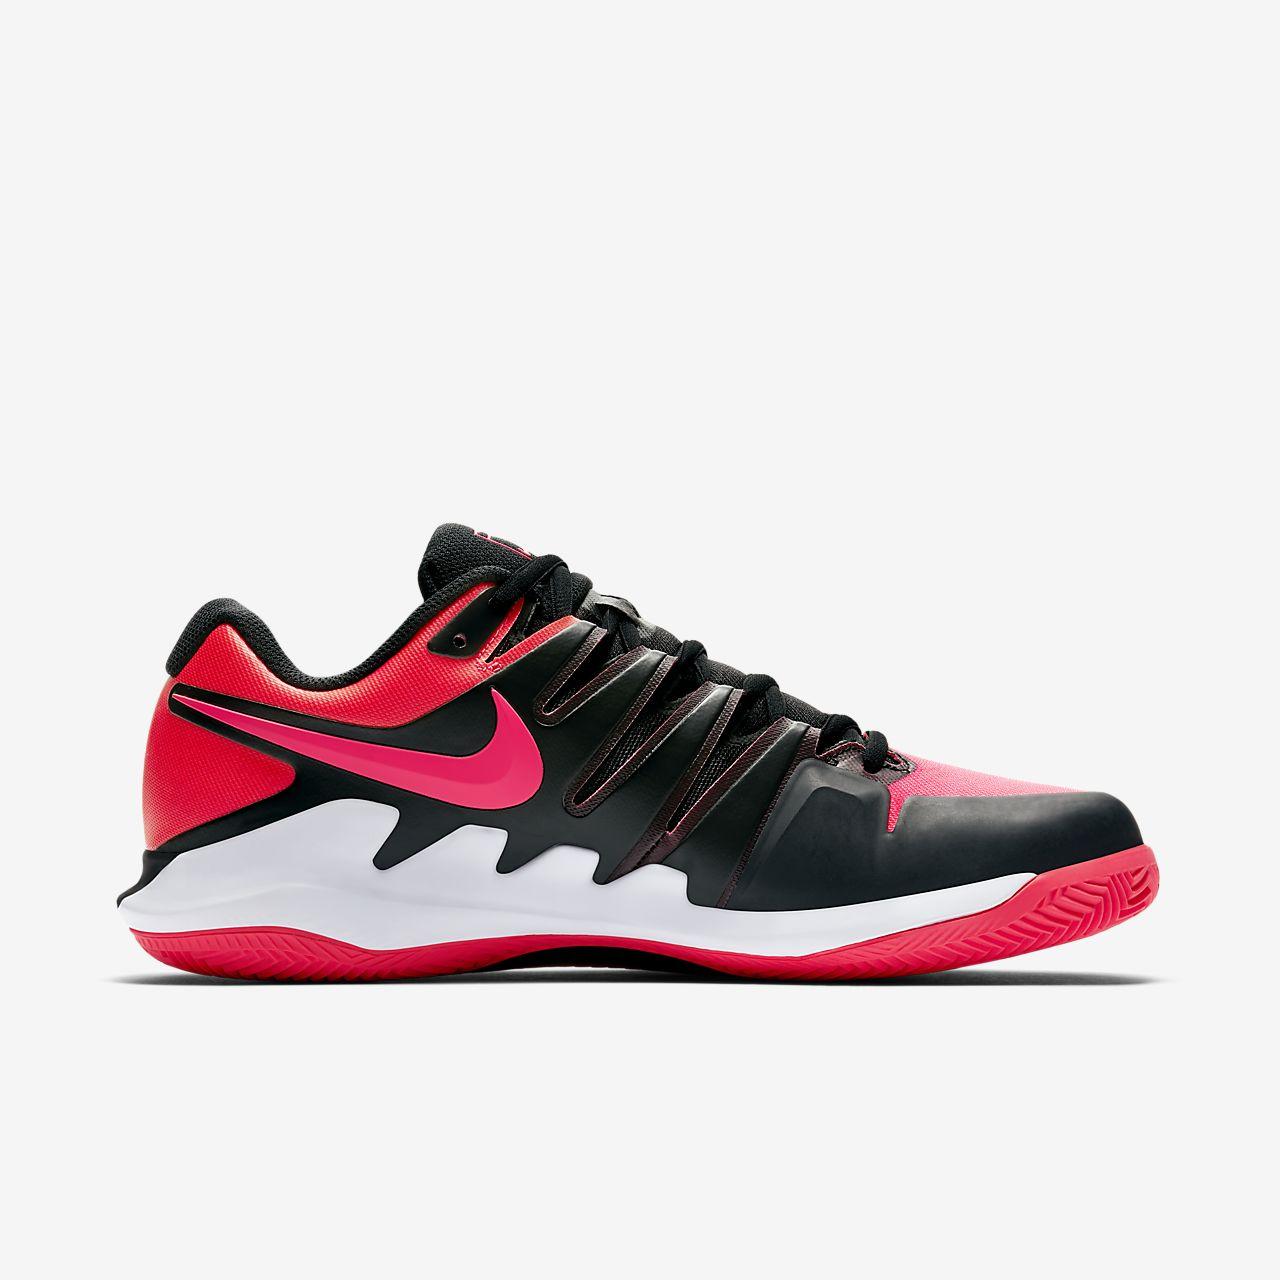 chaussures tennis nike air